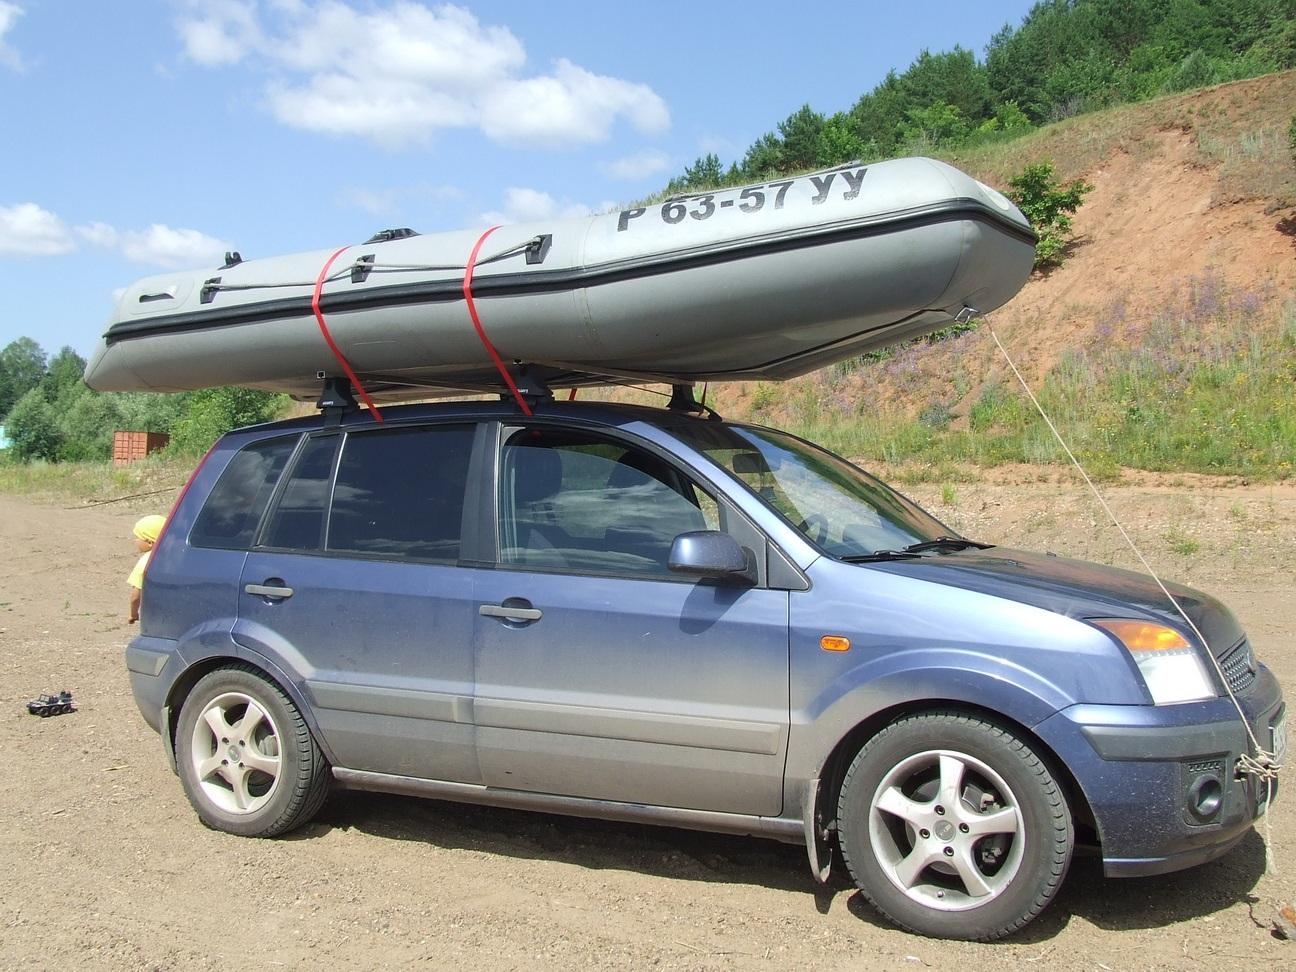 Правильное расположение лодки ПВХ на багажнике авто